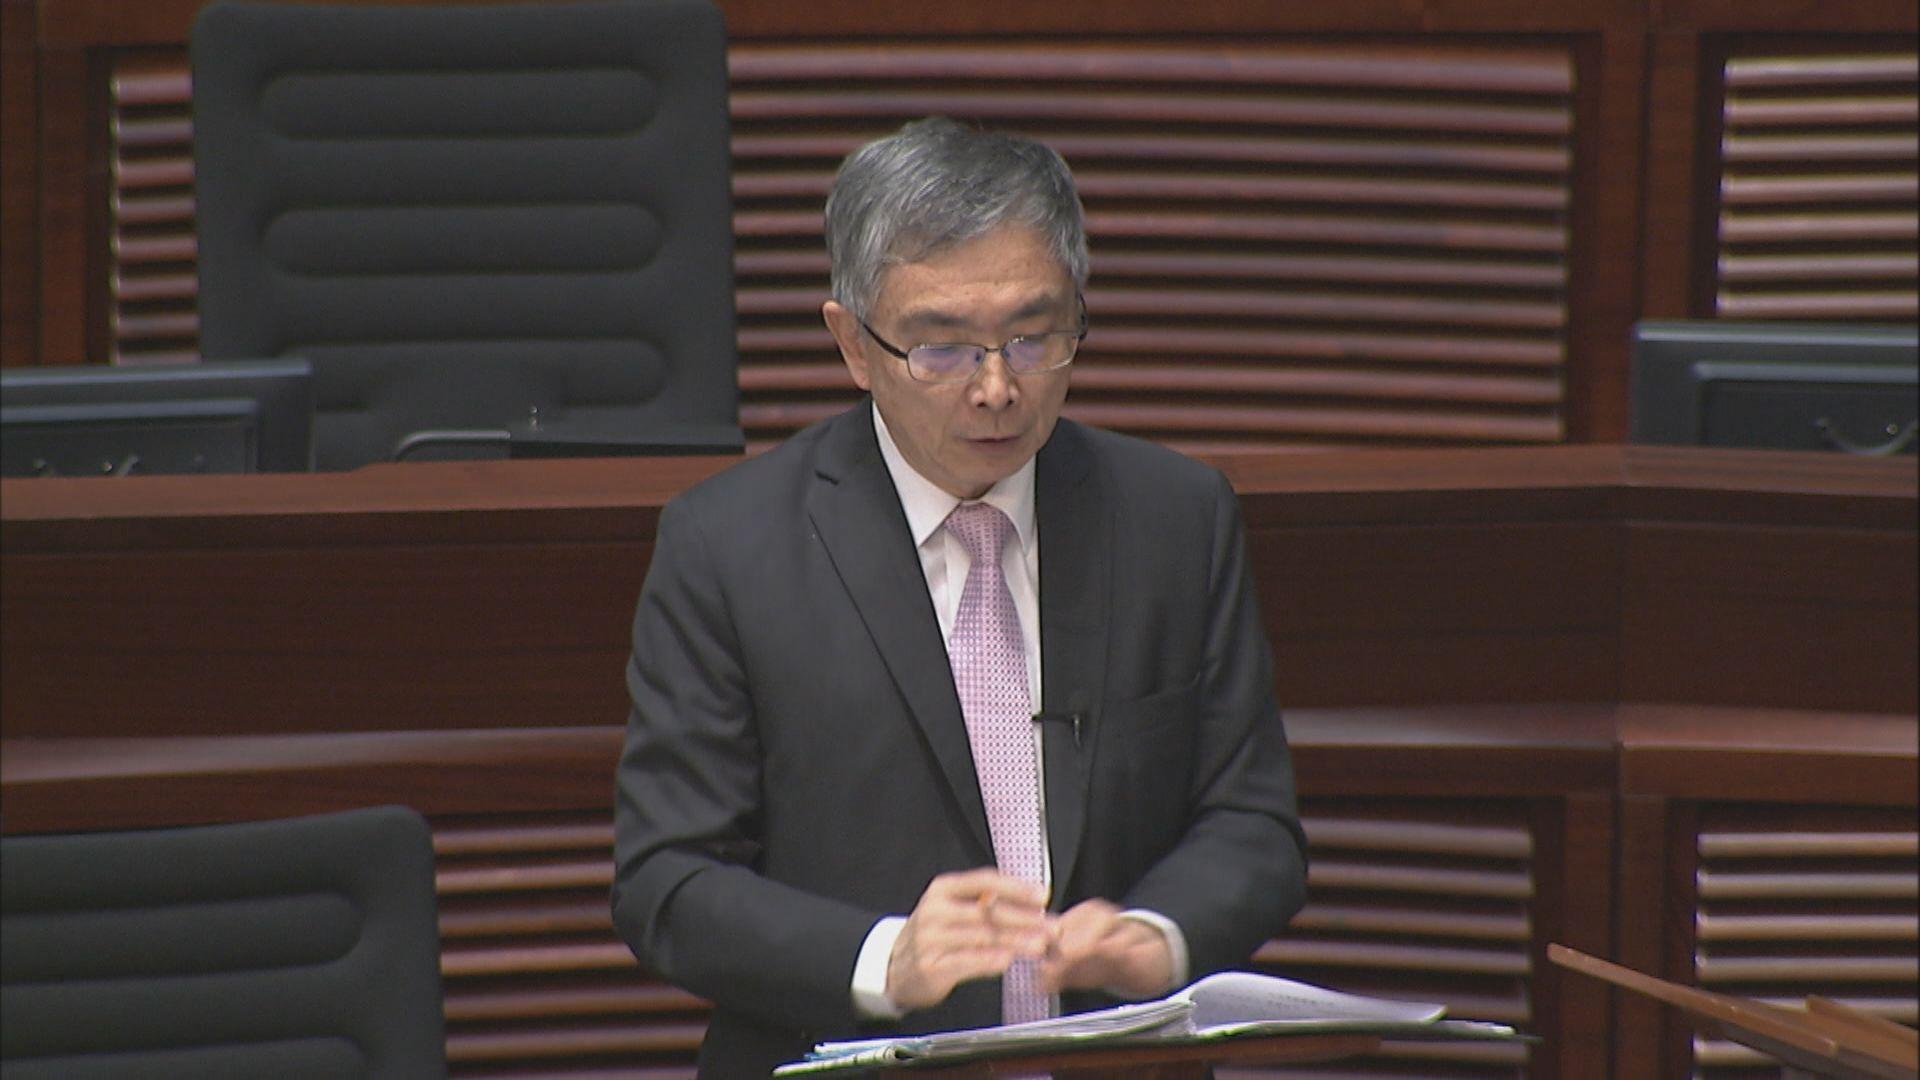 劉怡翔:未見有明顯資金和人才流出